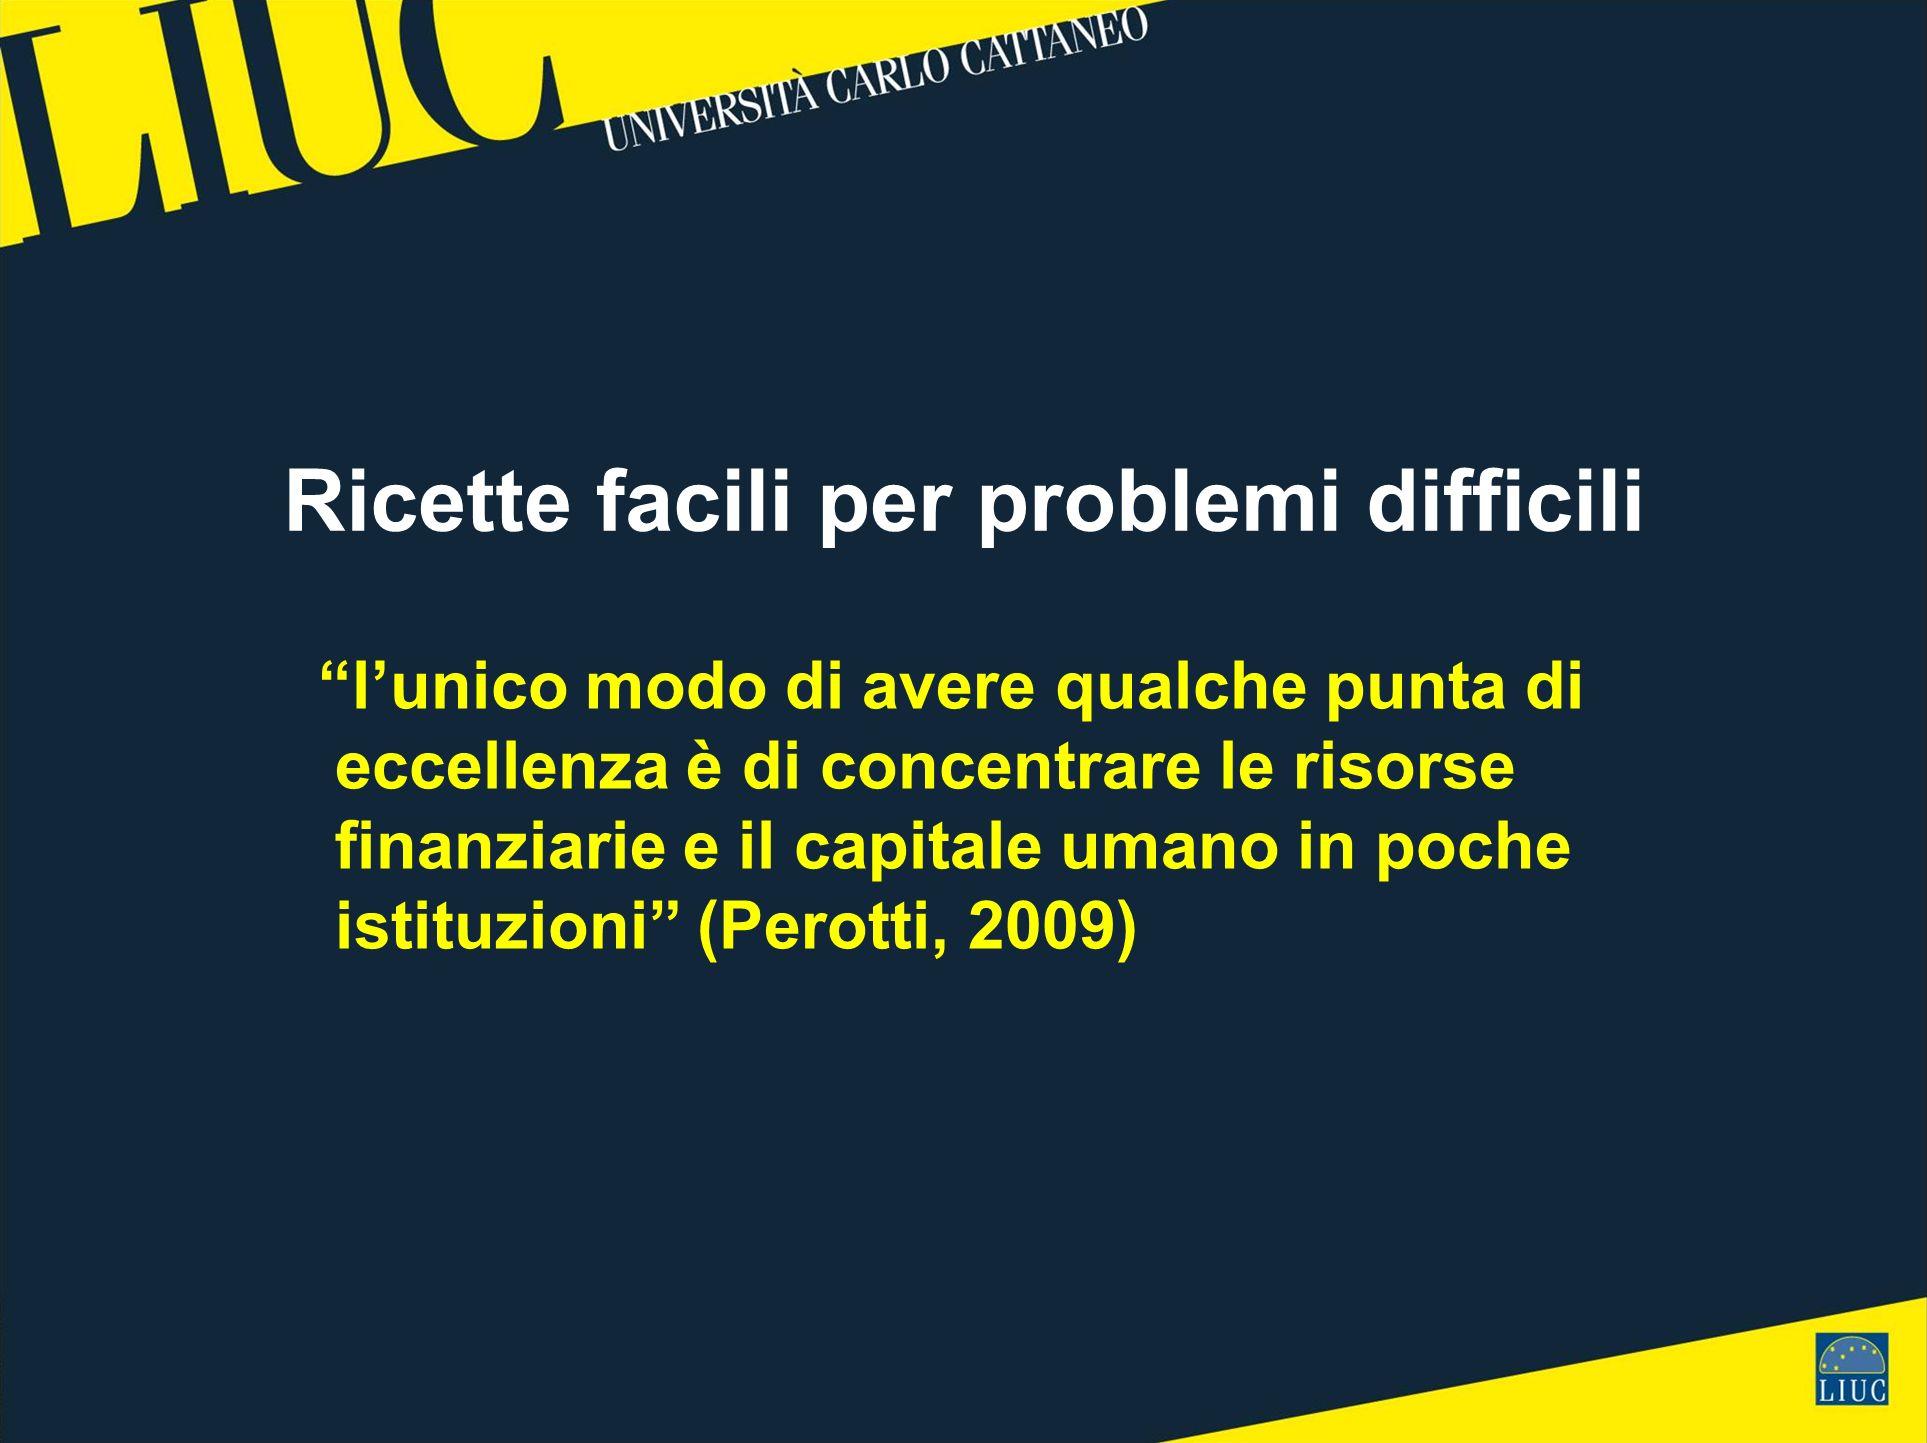 lunico modo di avere qualche punta di eccellenza è di concentrare le risorse finanziarie e il capitale umano in poche istituzioni (Perotti, 2009) Rice